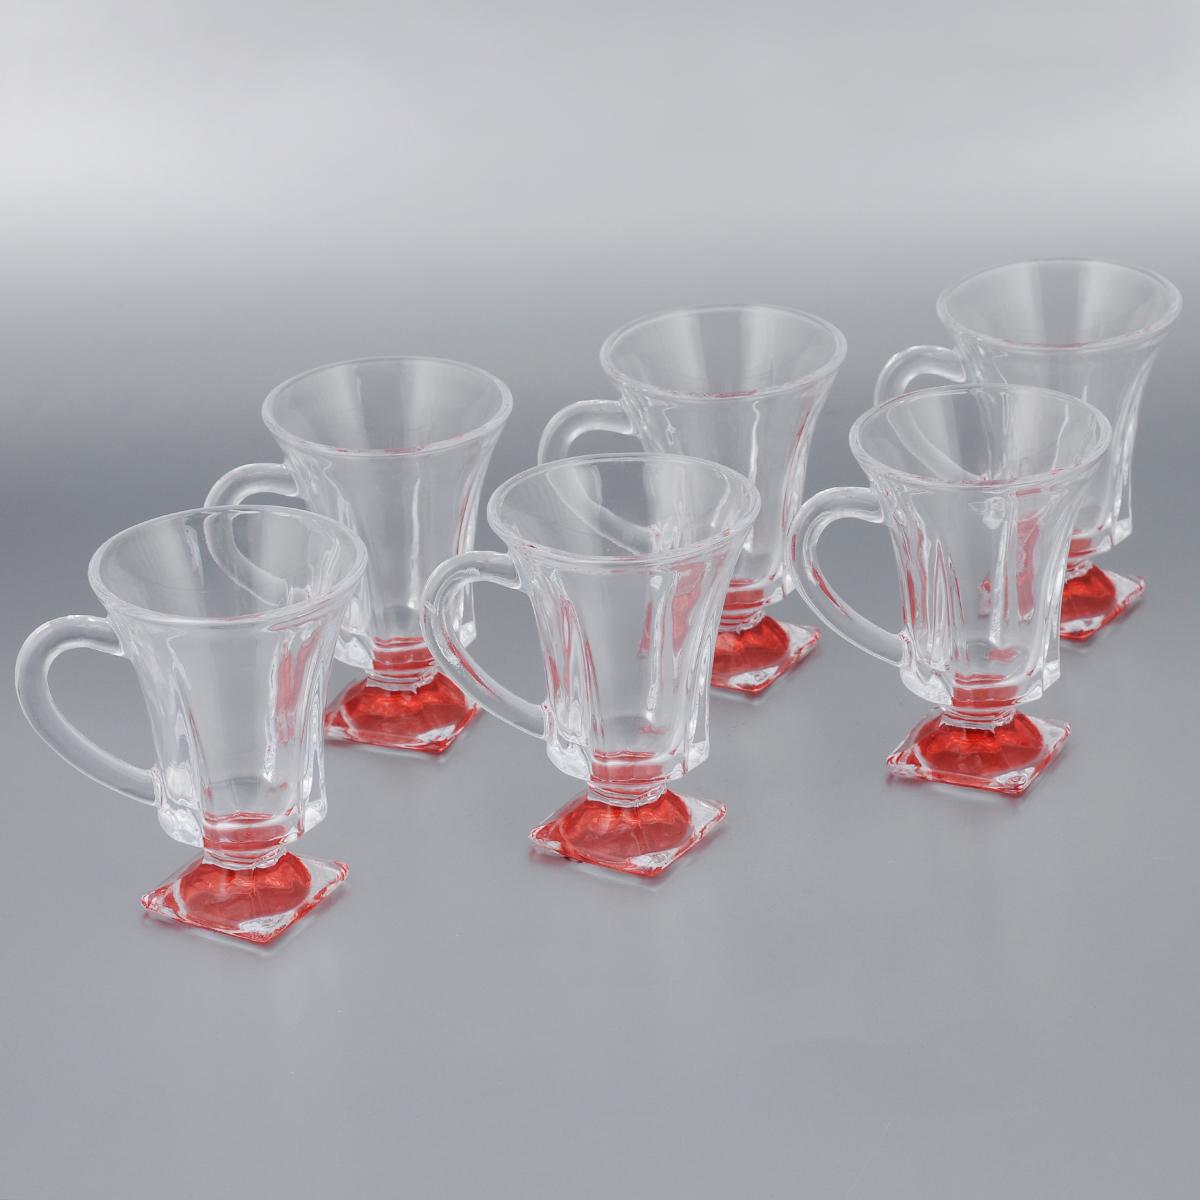 Набор стаканов для глинтвейна Mayer & Boch Loraine, цвет: прозрачный, красный, 150 мл, 6 шт20220_красныйНабор Mayer & Boch Loraine состоит из шести стаканов, выполненных из прочного стекла. Предметы набора имеют цветную ножку и декорированы рельефом. Они излучают приятный блеск и издают мелодичный звон. Для удобства изделия оснащены изящной ручкой.Набор Mayer & Boch Loraine прекрасно оформит интерьер кабинета или гостиной и станет отличным дополнением бара. Такой набор также станет хорошим подарком к любому случаю. Диаметр стакана (по верхнему краю): 8 см.Высота стакана: 11 см.